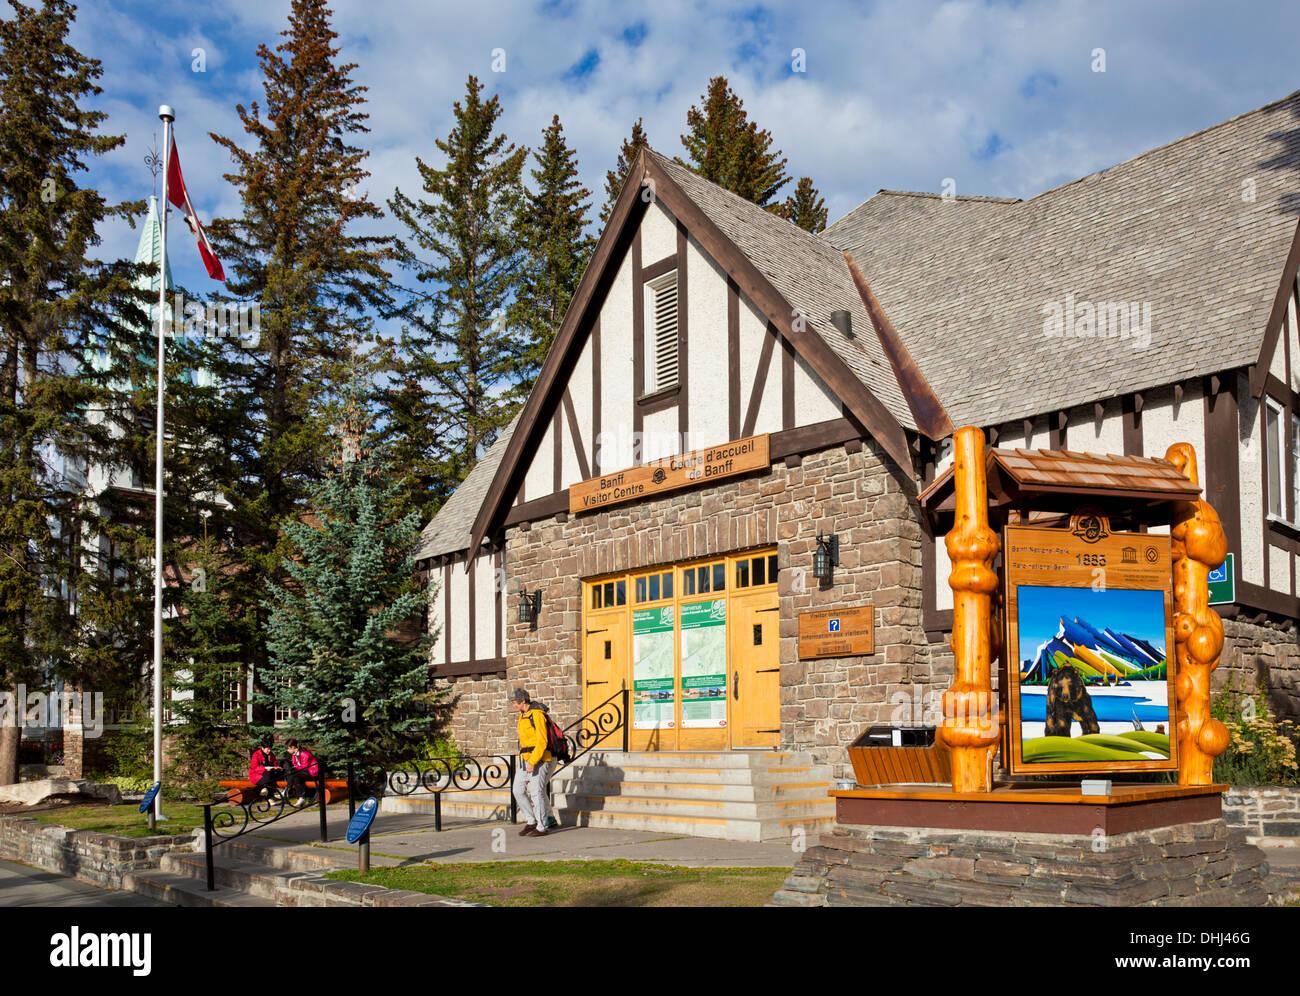 Tourist information bureau Visitor information center Banff town